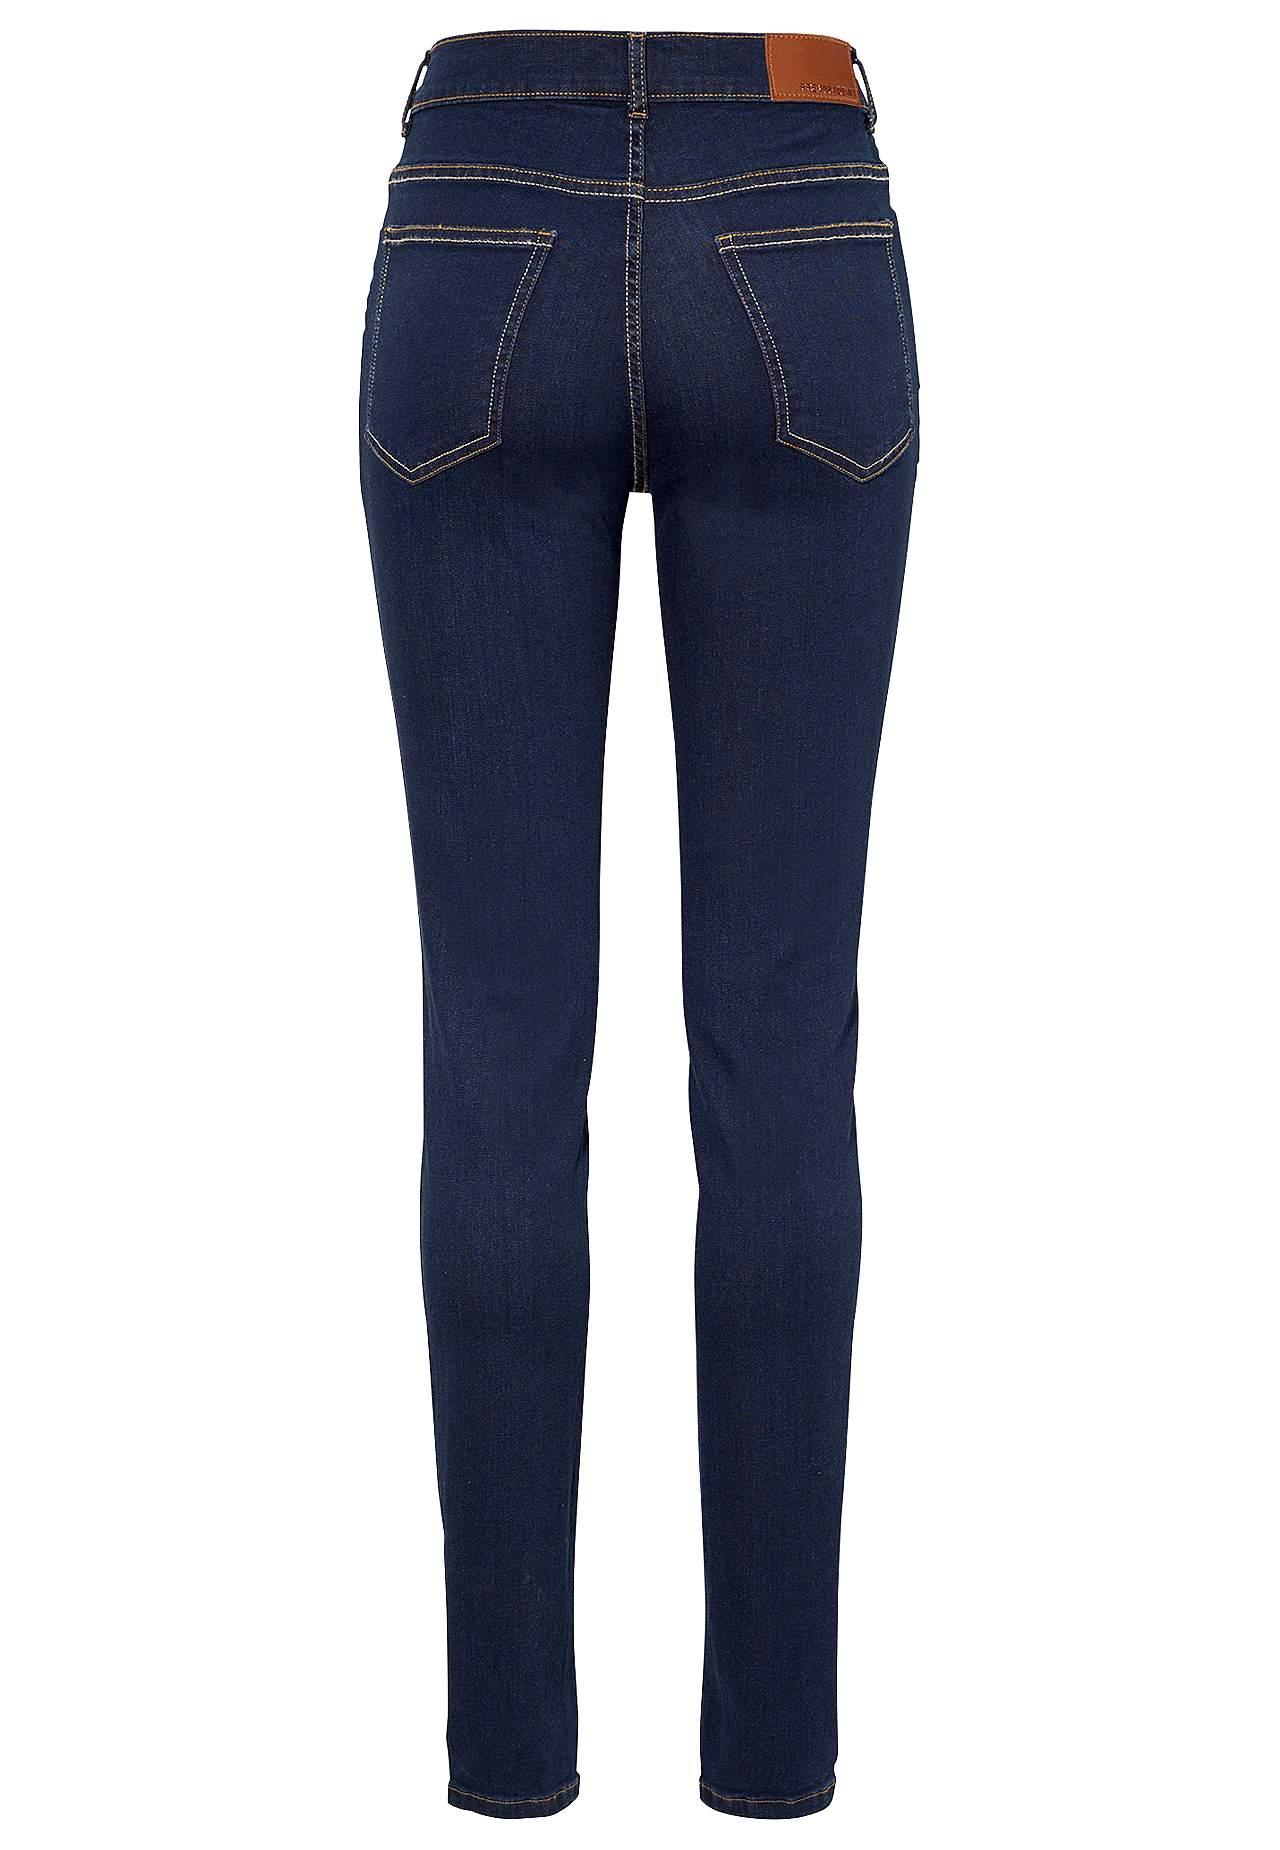 Spodnie Paris